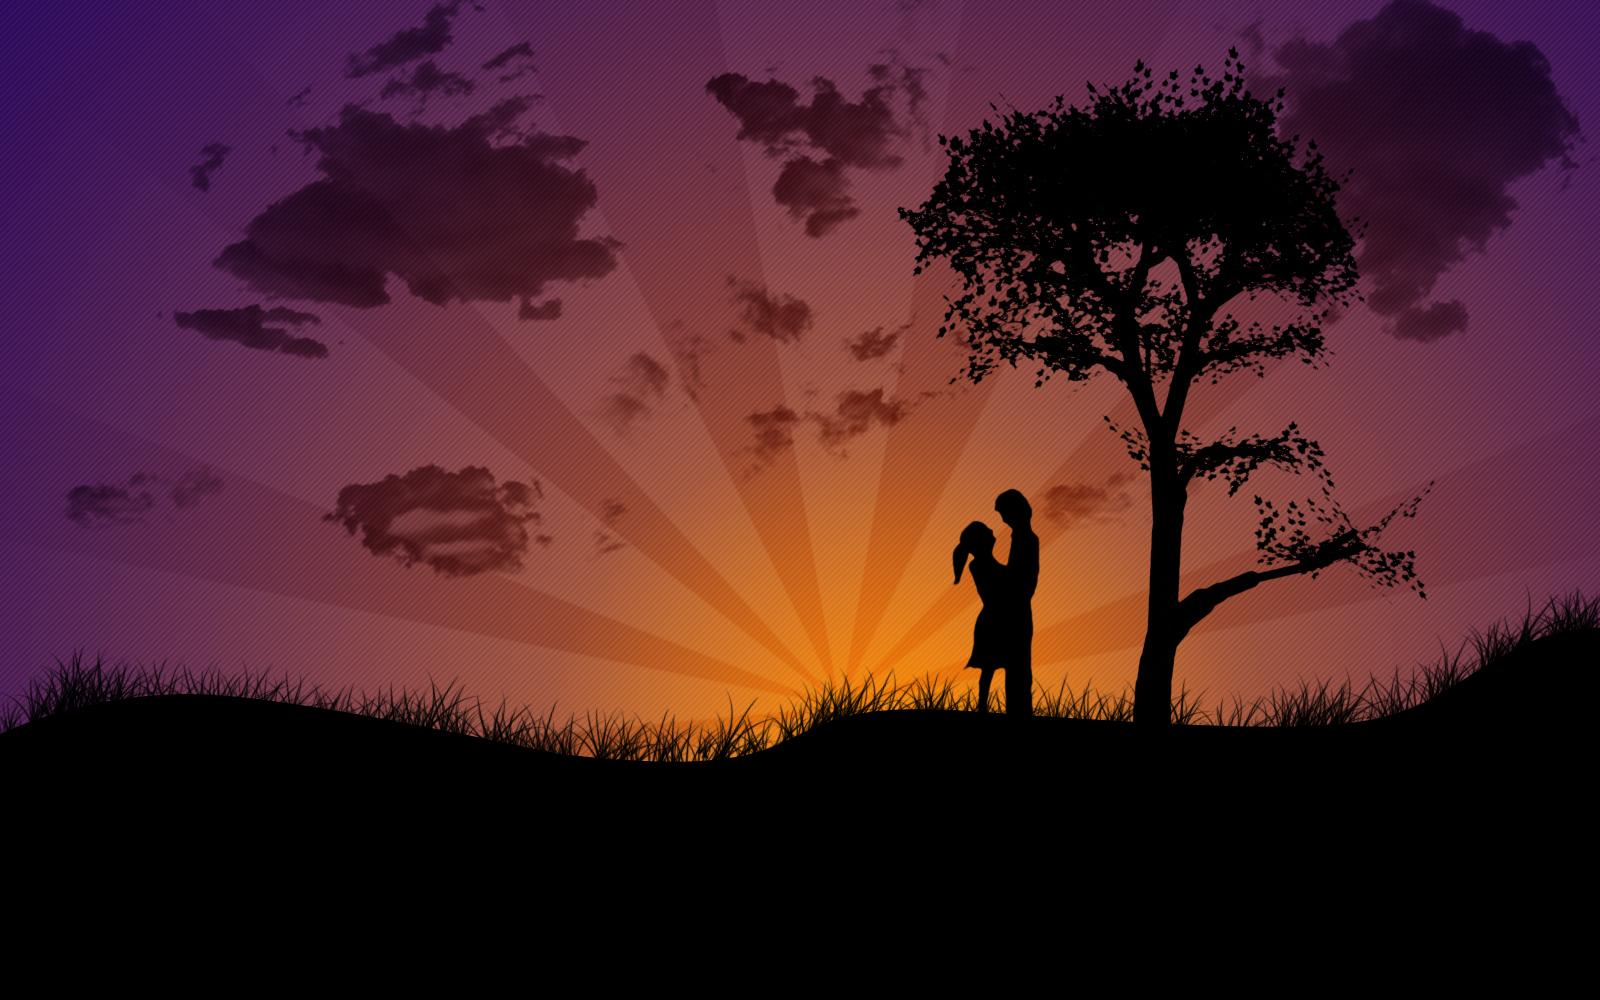 Download Gambar Wallpaper Romantis Gudang Wallpaper